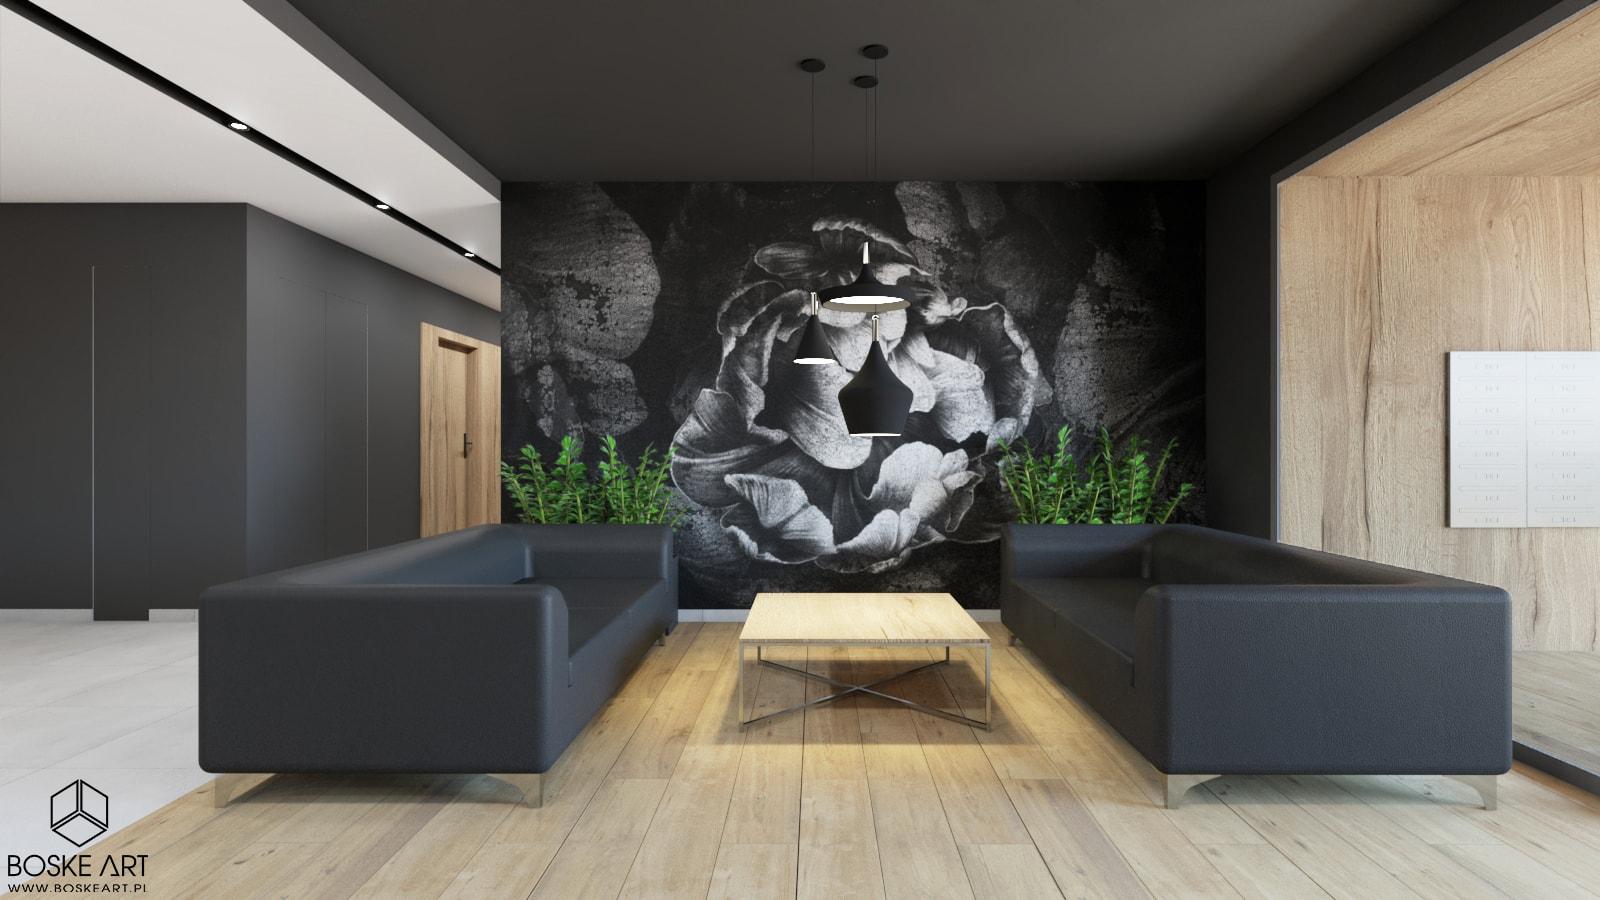 9_apartamenty_poznan_boske_art_strefa_wejsciowa_projektowanie_wnetrz_architektura_natalia_robaszkiewicz-min